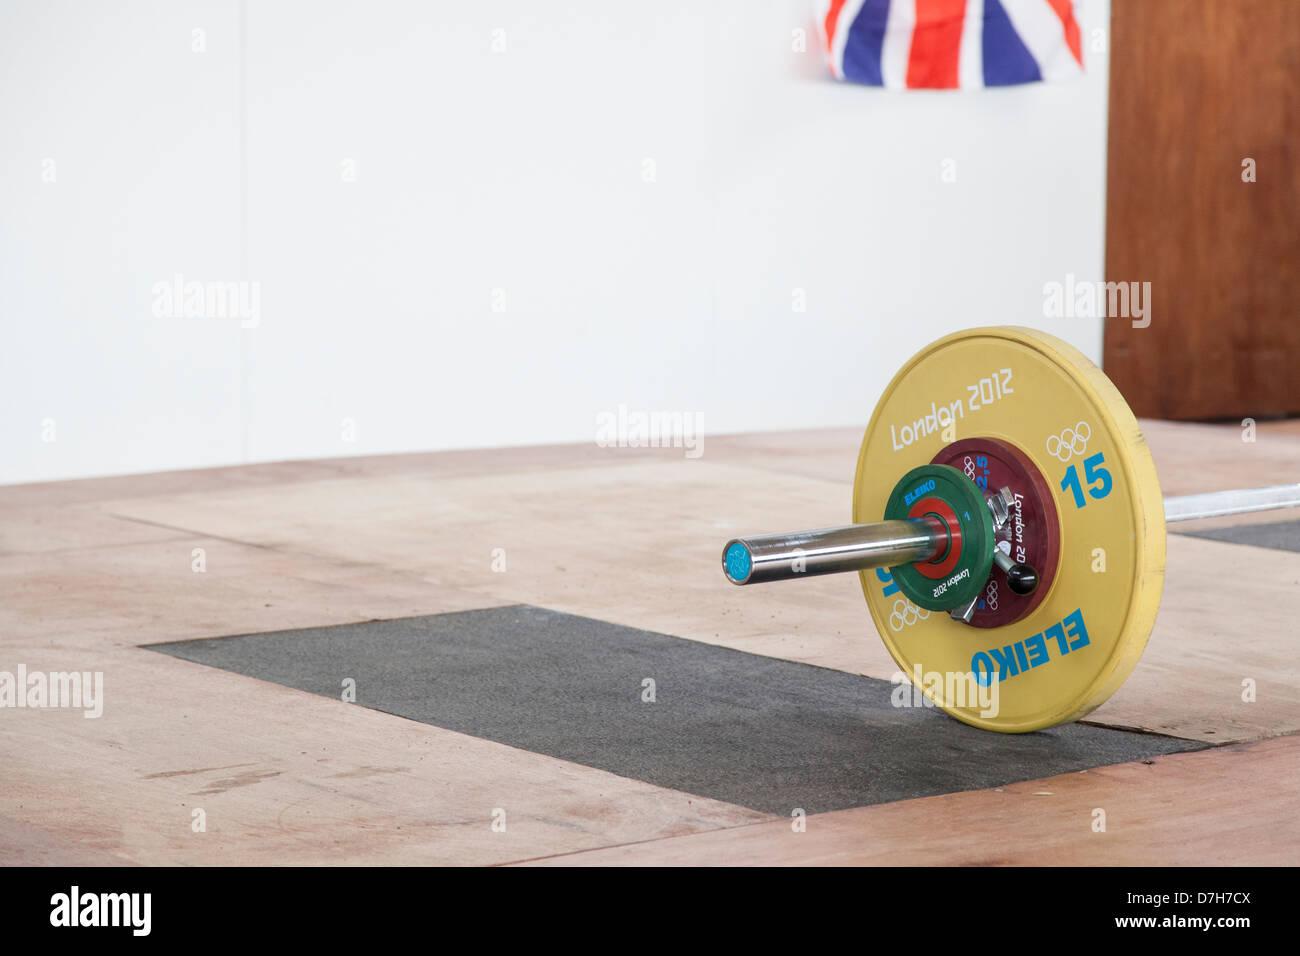 Peso con GB bandera olímpica en la esquina. Weightlifting olímpico Imagen De Stock